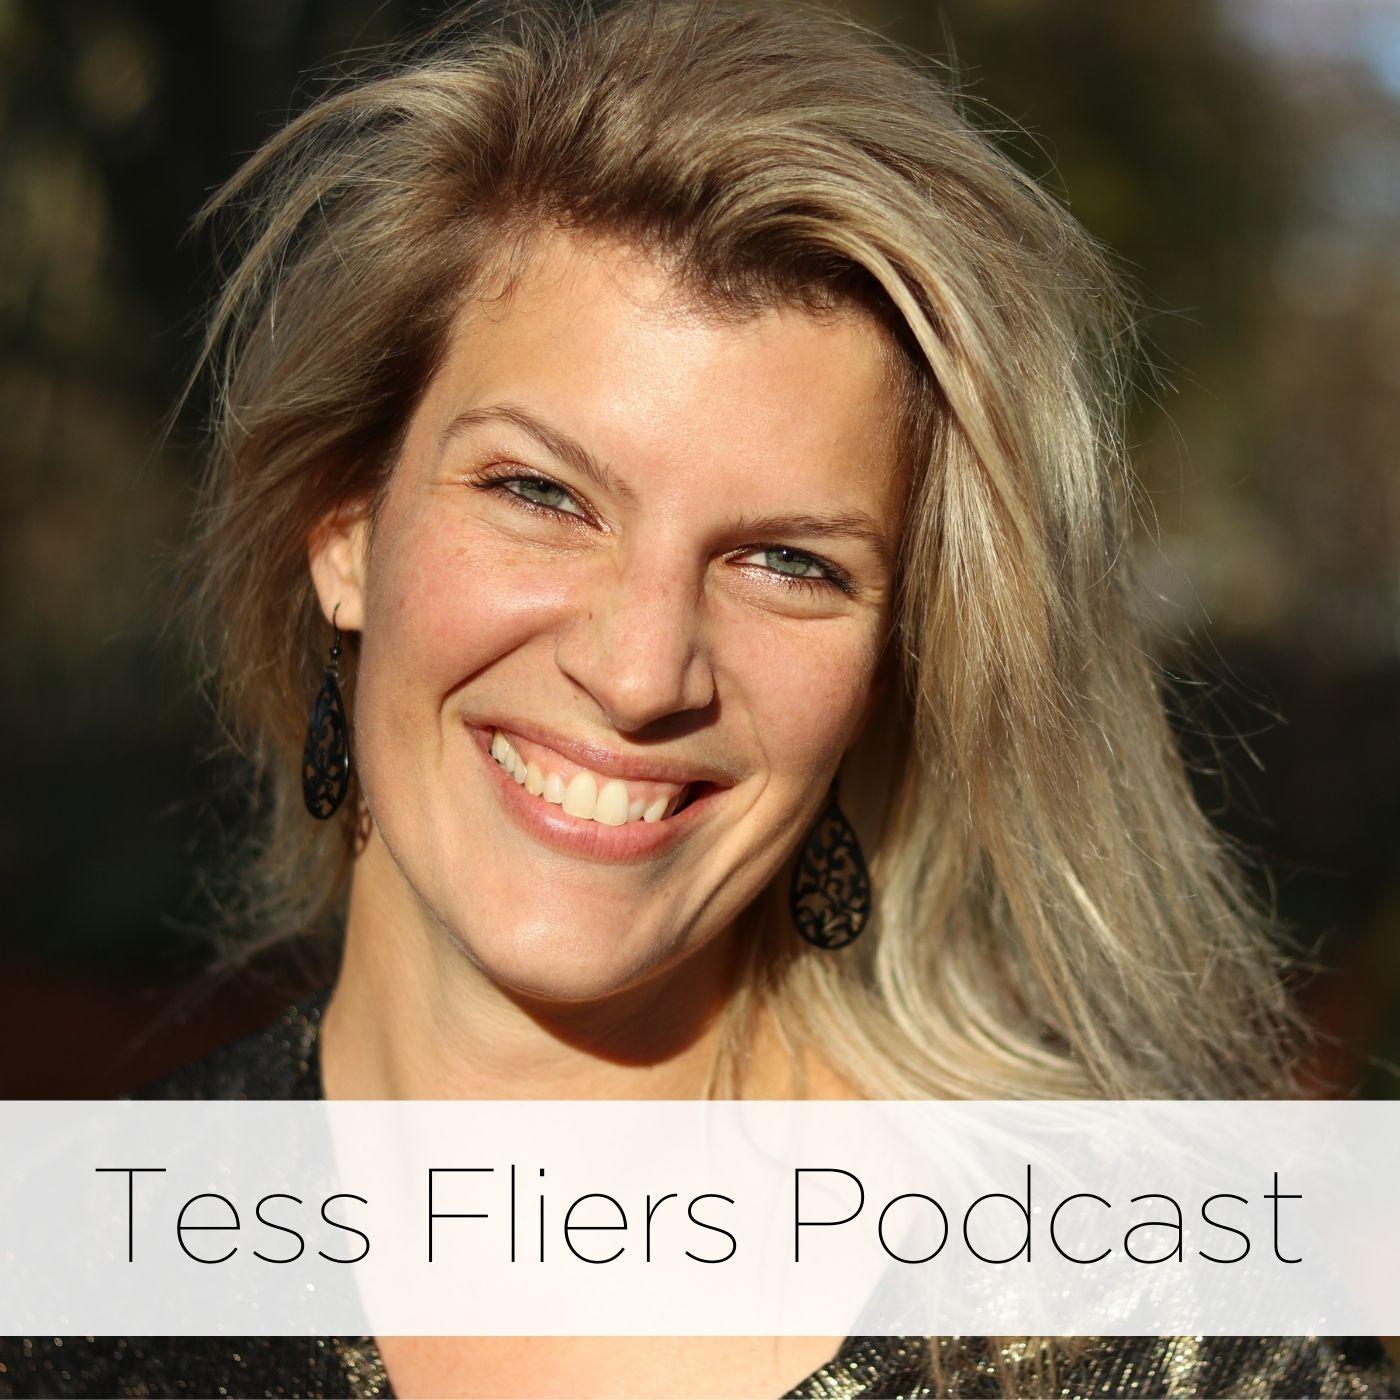 Tess Fliers Podcast show art